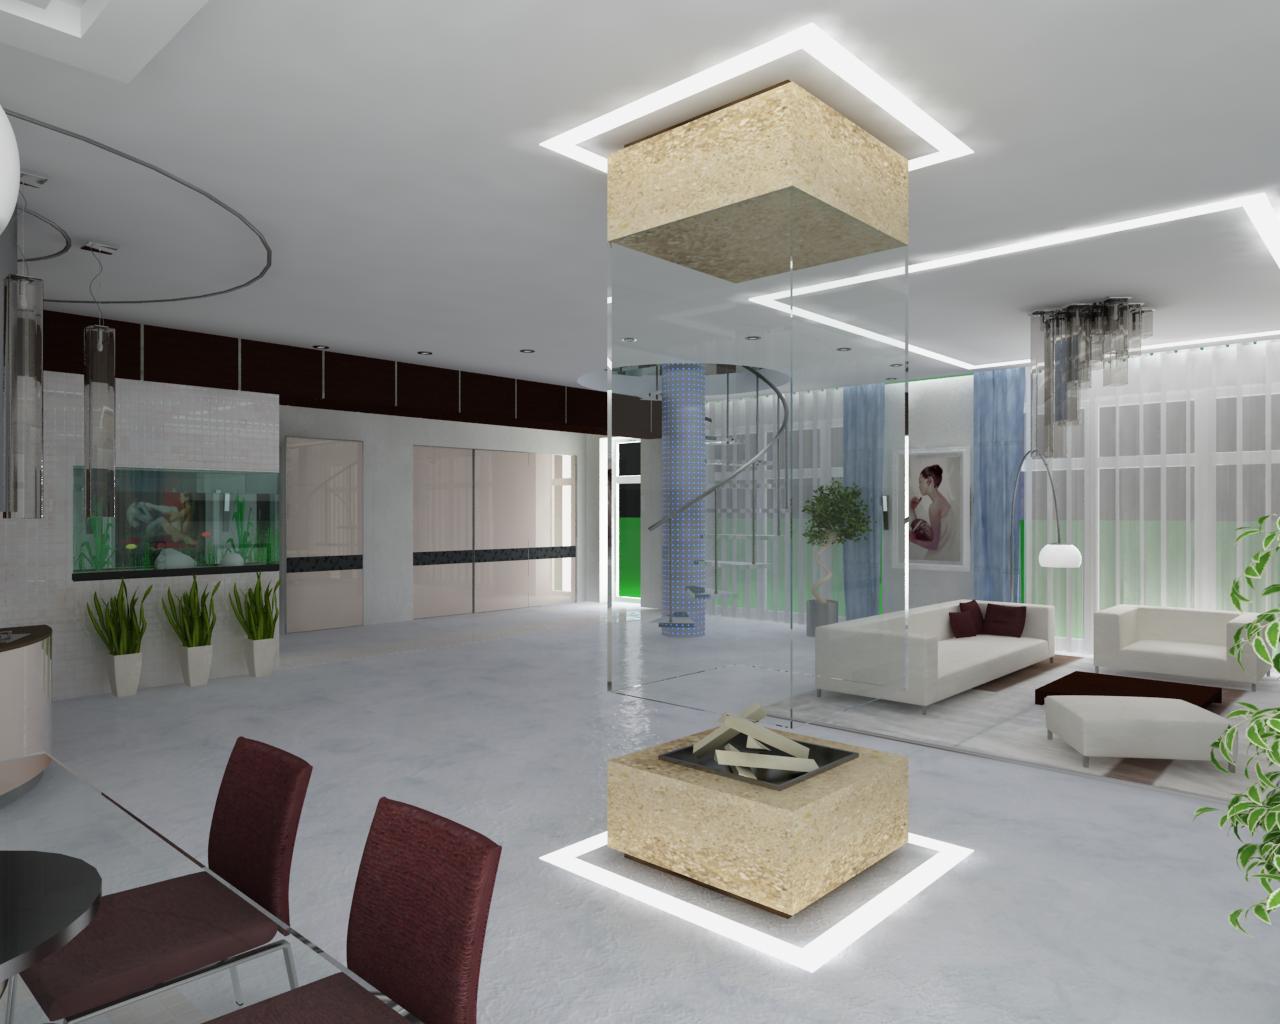 Гостиная в стиле минимализм должна быть без внутренних перегородок, иметь большую площадь